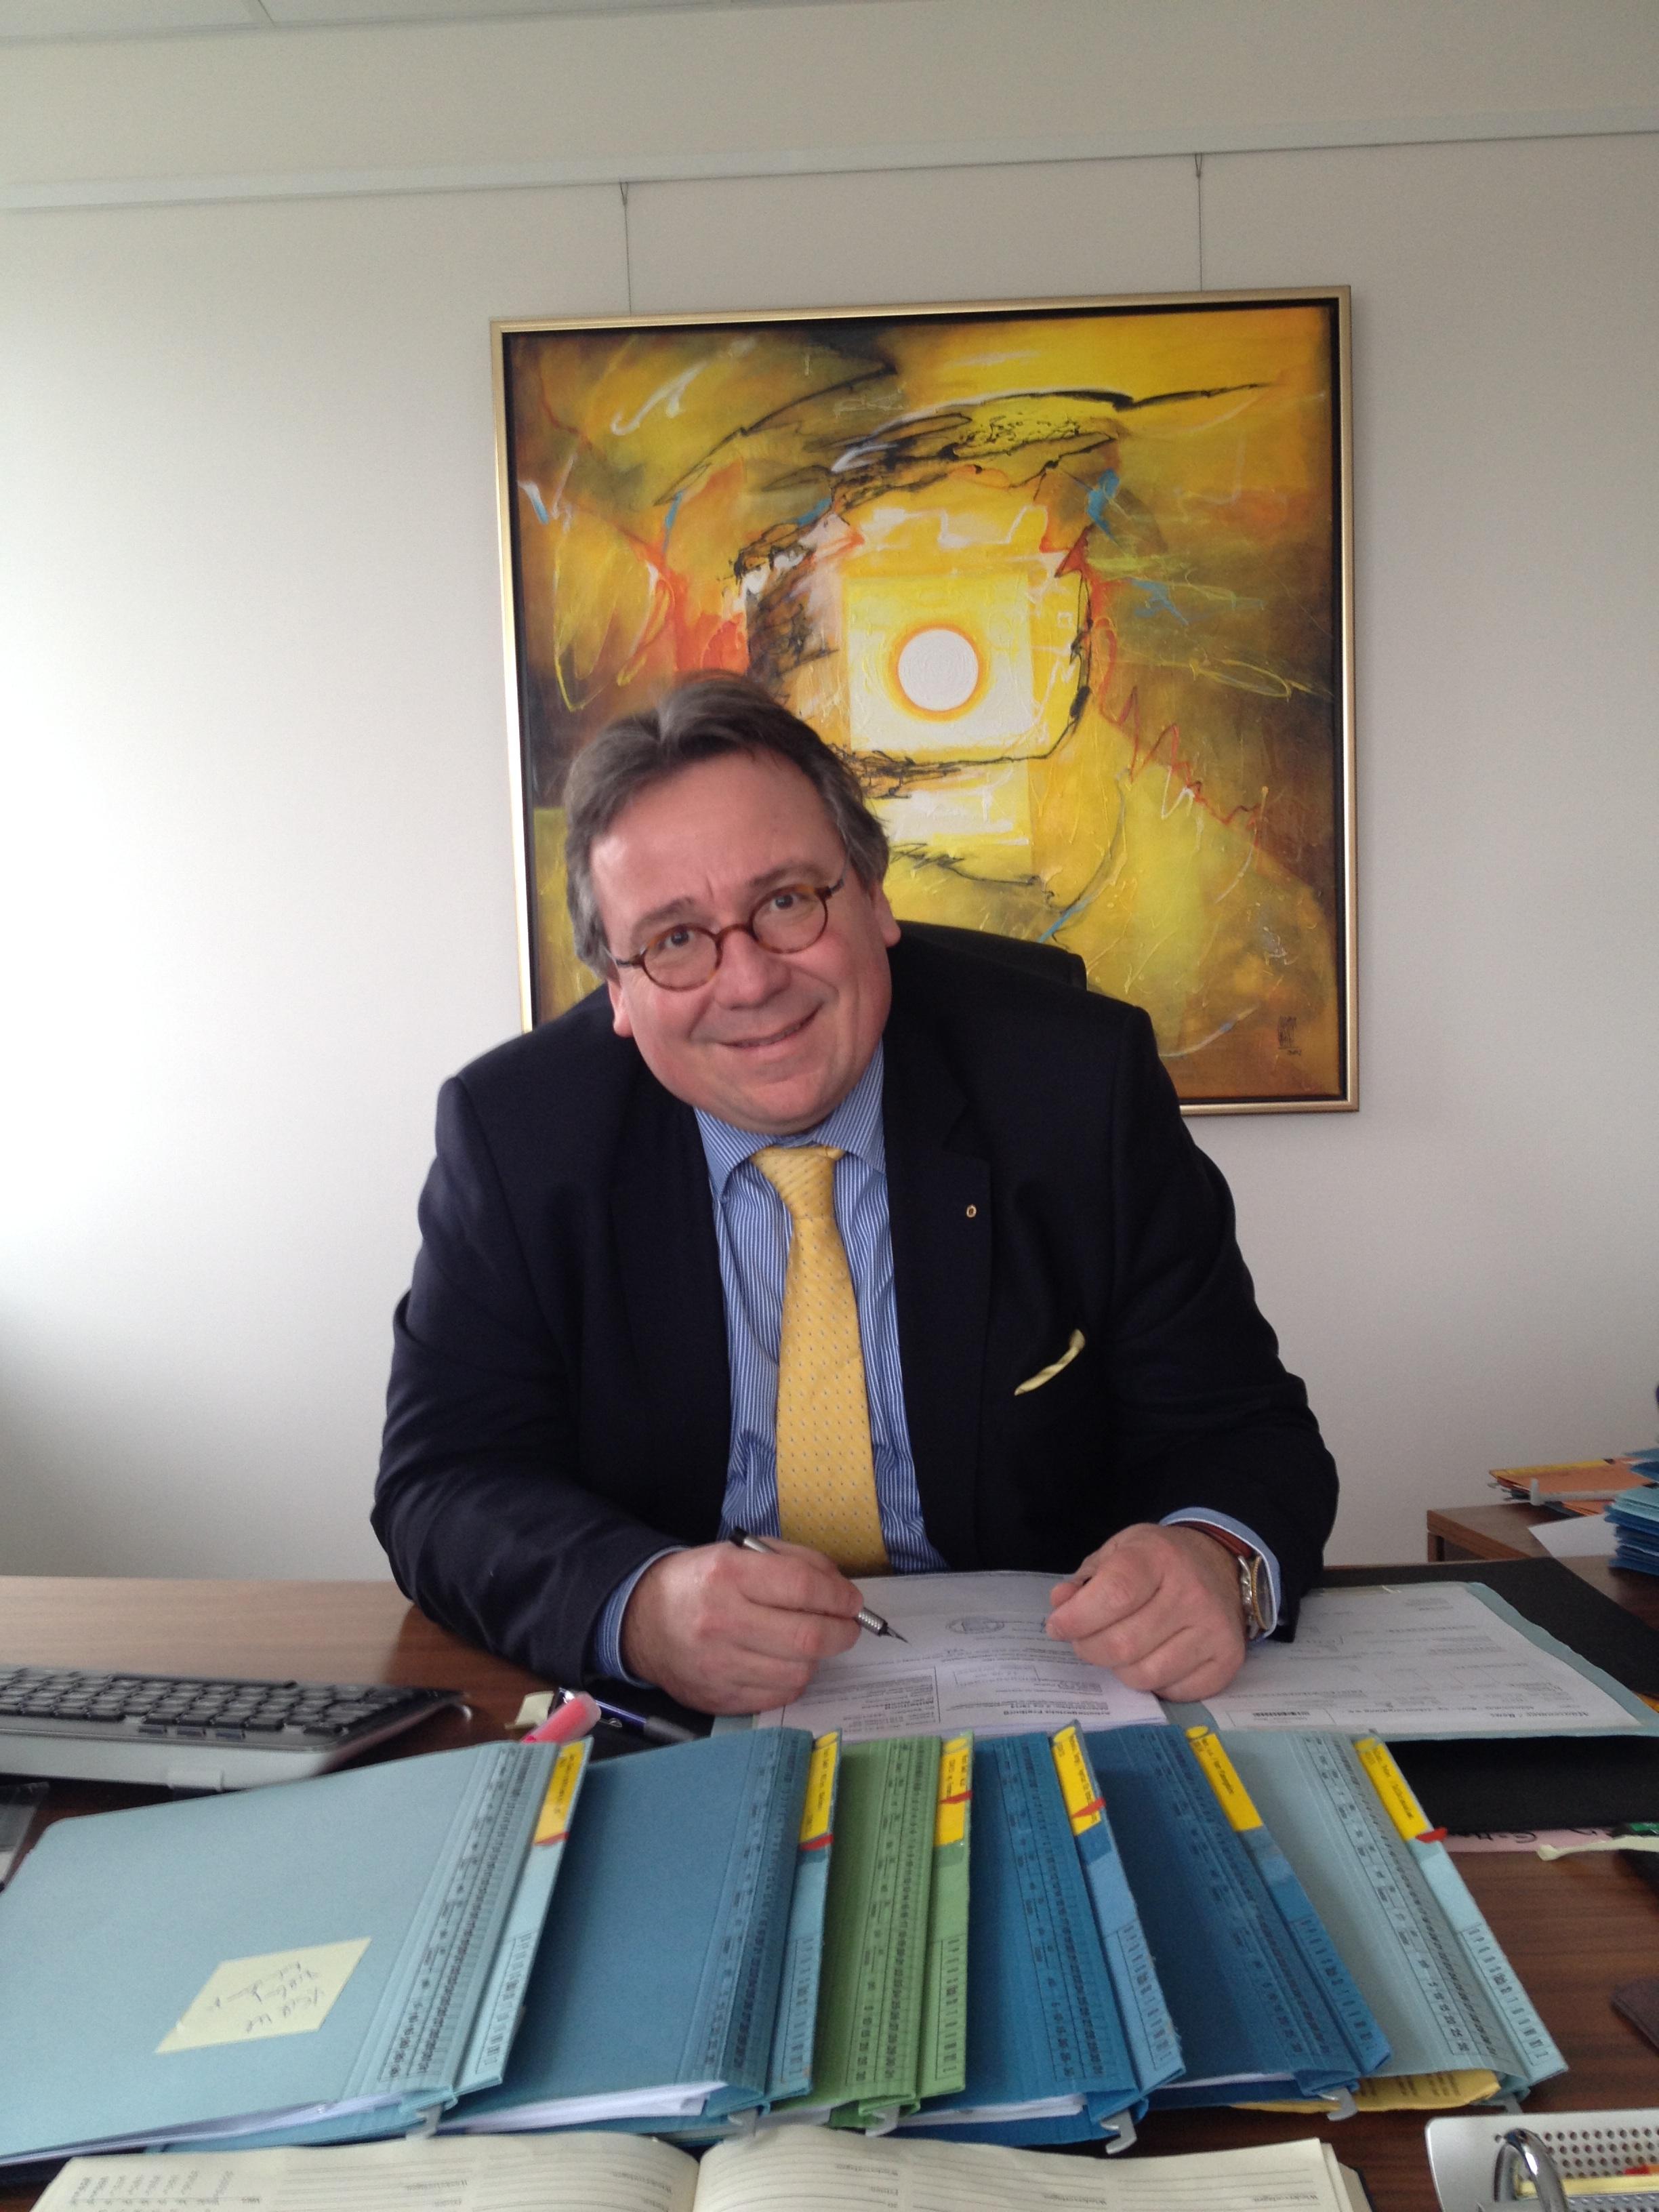 Frank Herrigel